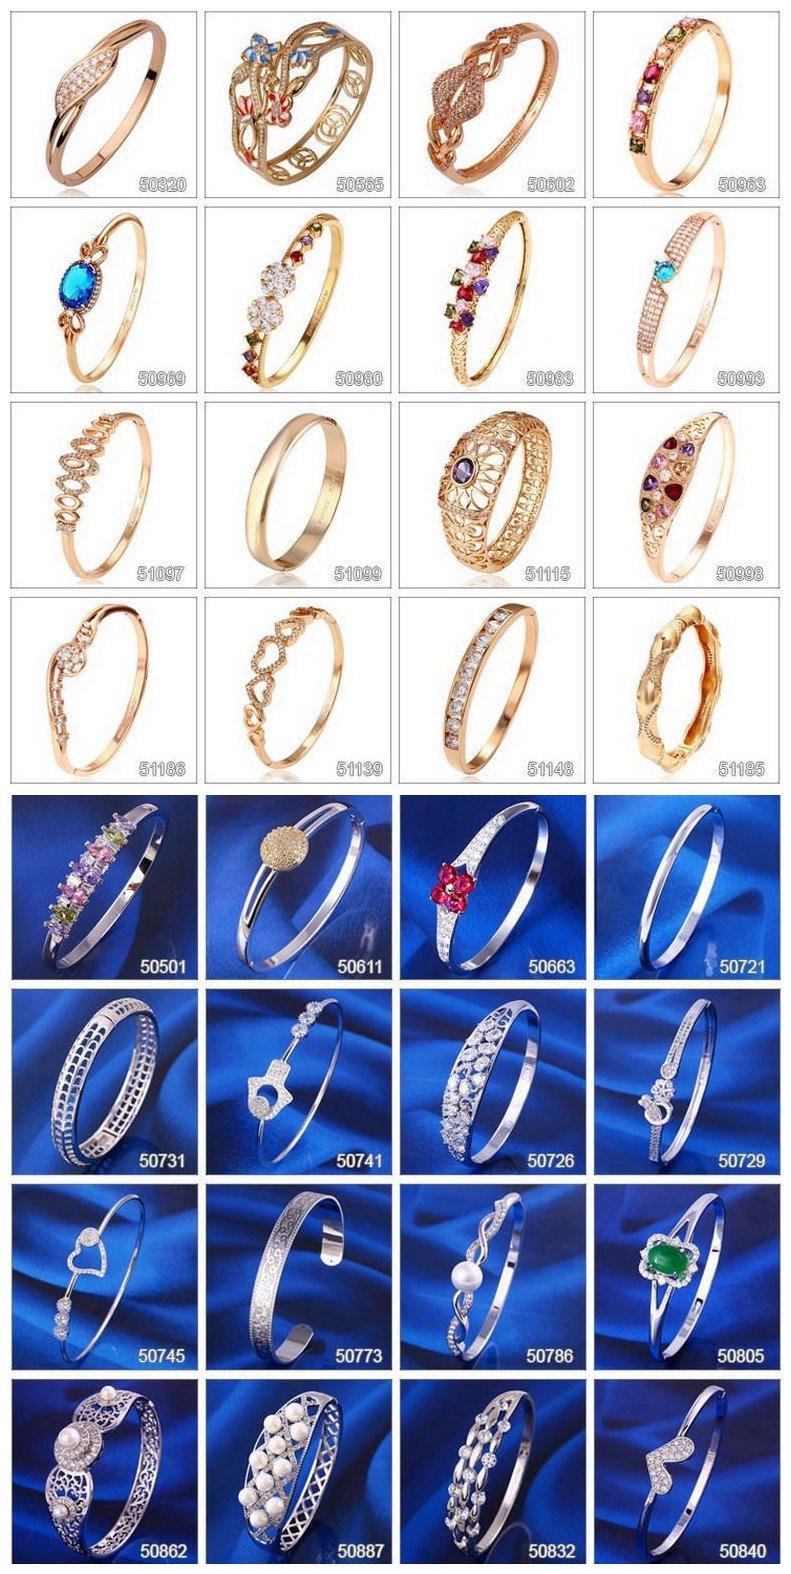 Bangle -60 Fashion Elegant Animal-Shaped Cubic Zirconia Jewelry Bangle